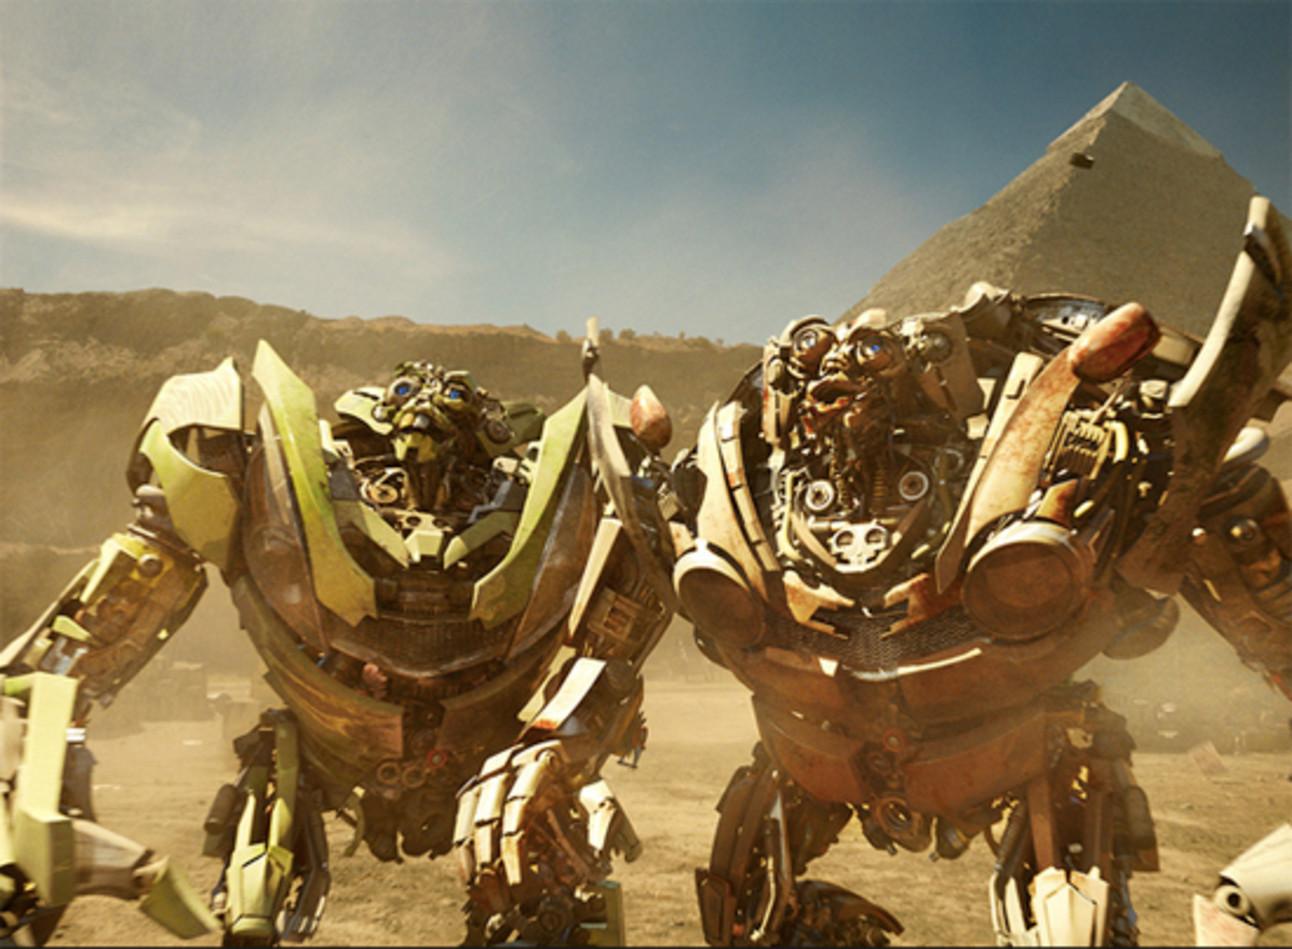 TransformersFallenReview3_0.jpg